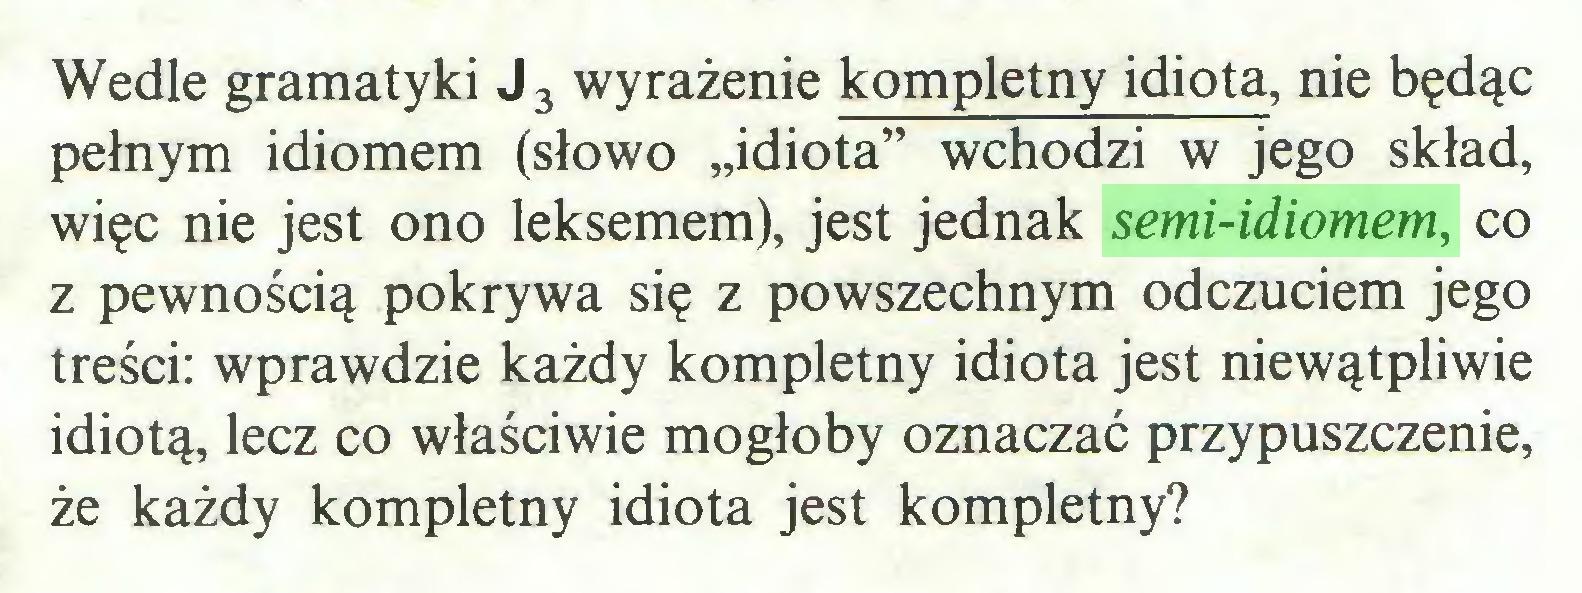 """(...) Wedle gramatyki J3 wyrażenie kompletny idiota, nie będąc pełnym idiomem (słowo """"idiota"""" wchodzi w jego skład, więc nie jest ono leksemem), jest jednak semi-idiomem, co z pewnością pokrywa się z powszechnym odczuciem jego treści: wprawdzie każdy kompletny idiota jest niewątpliwie idiotą, lecz co właściwie mogłoby oznaczać przypuszczenie, że każdy kompletny idiota jest kompletny?..."""